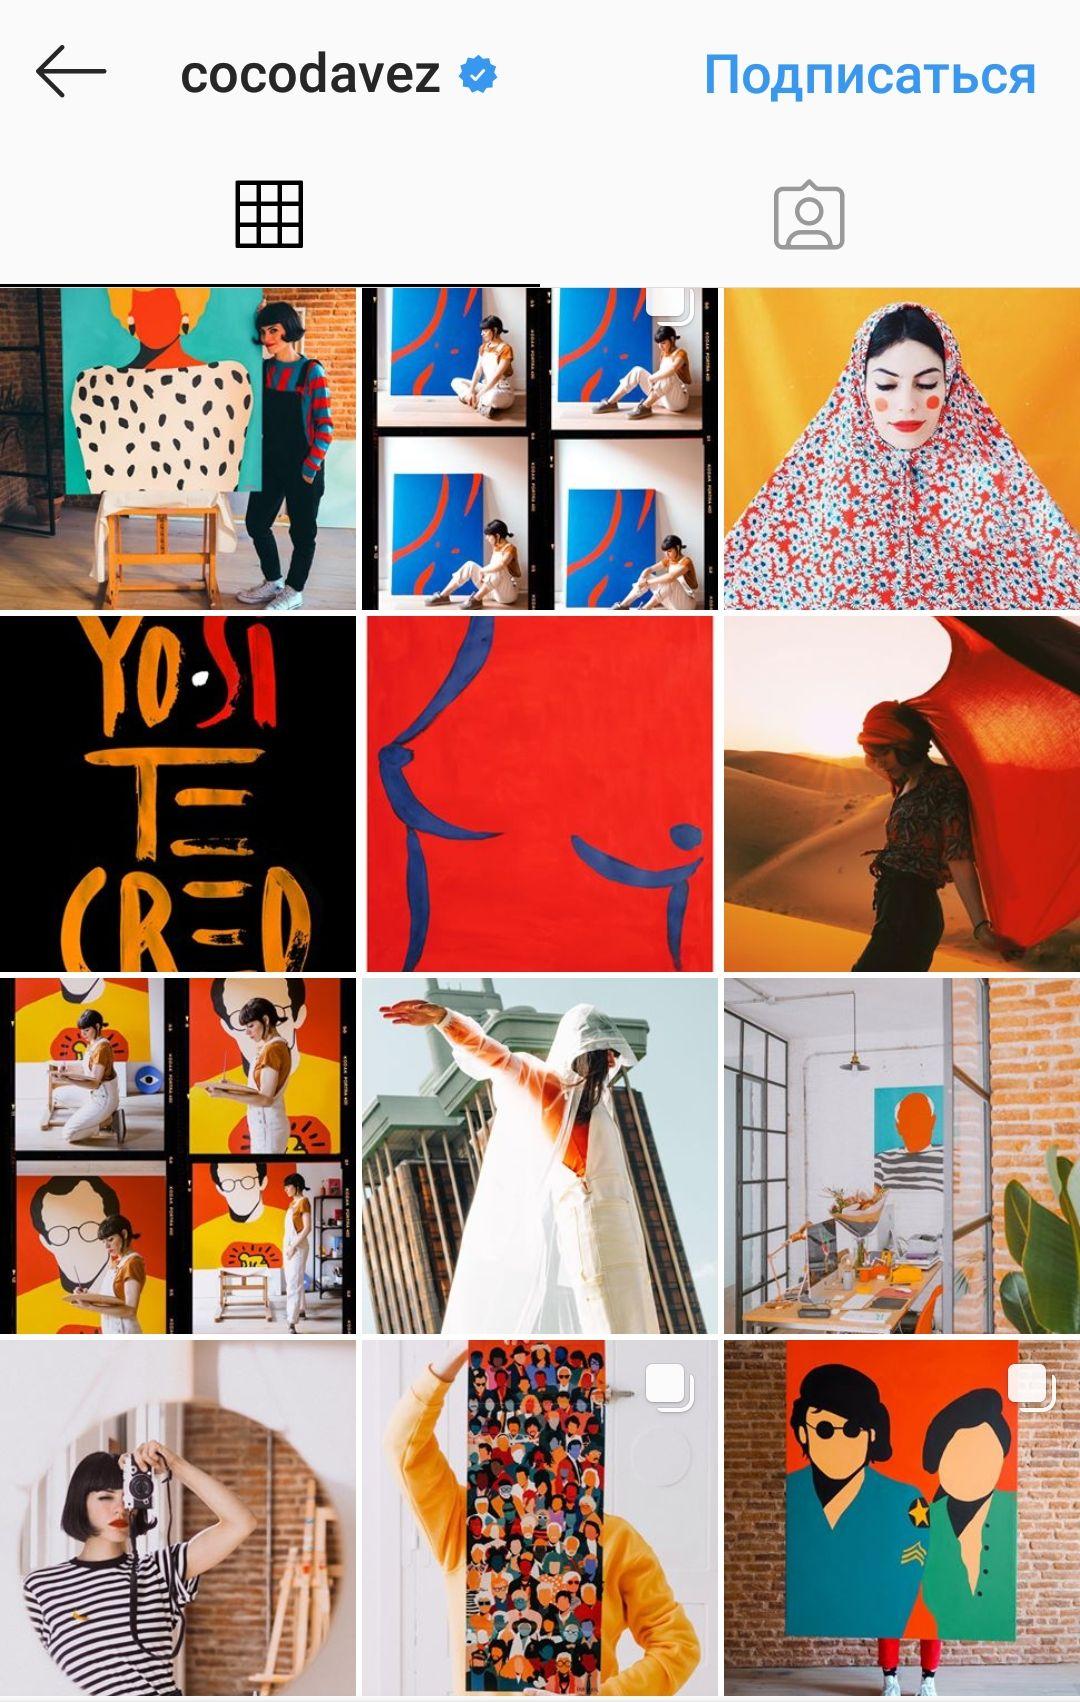 Idei Dlya Oformleniya Instagram Hudozhnika Primery Instagram Profilej Instagram Feed Vizual Instagram Grid Design Instagram Instagram Design